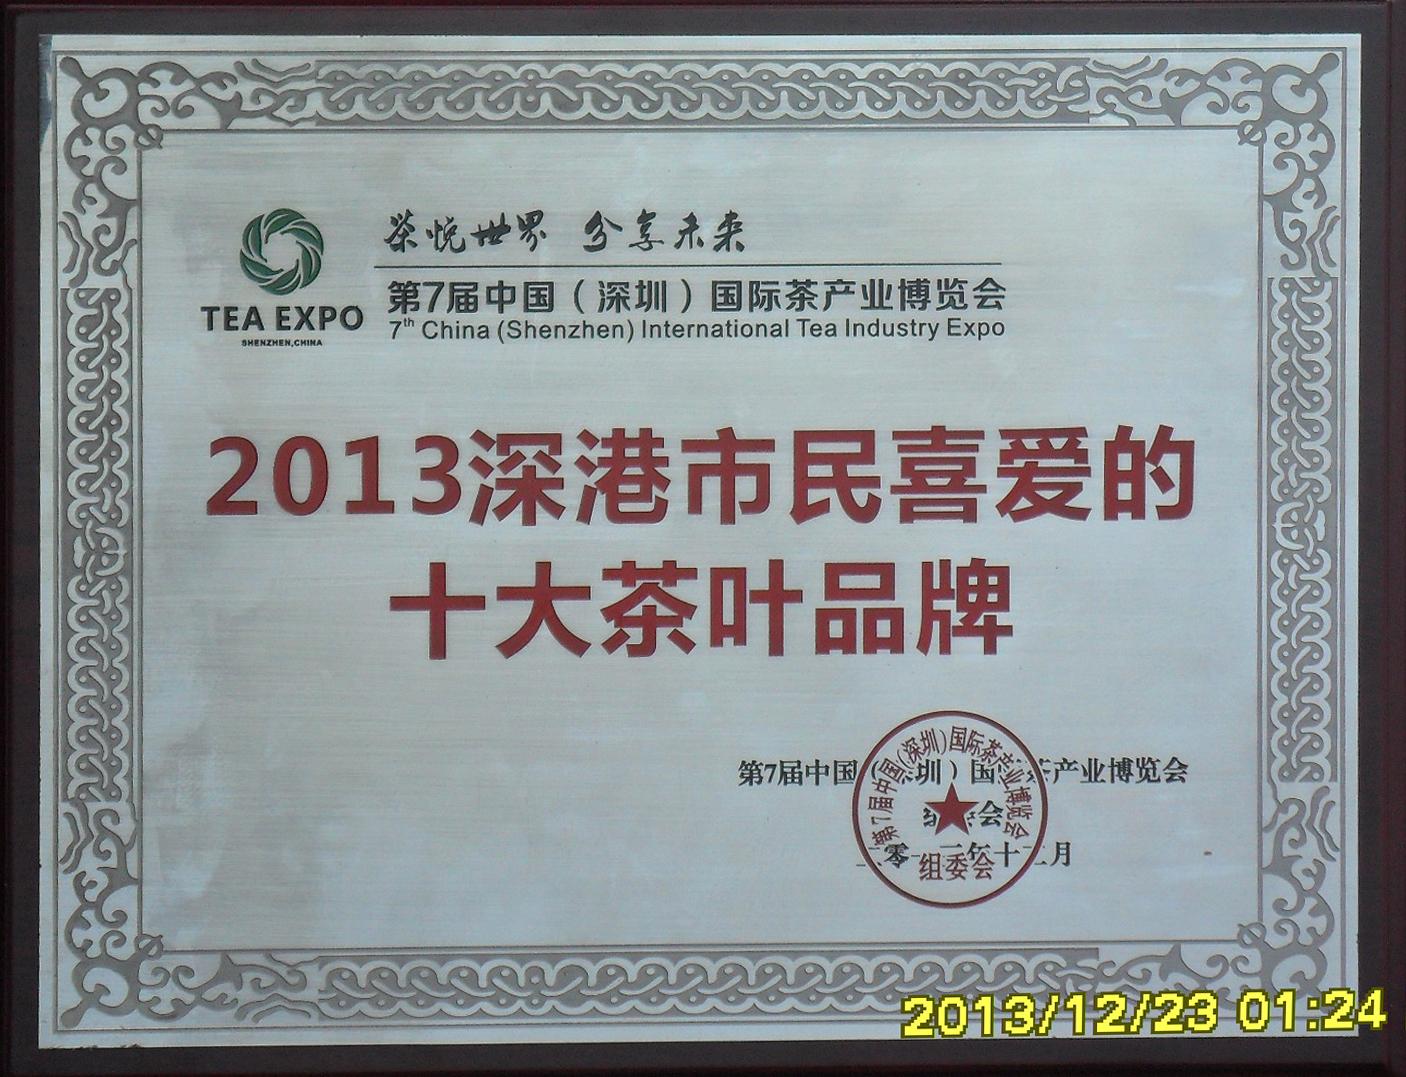 2013年深港市民喜爱的十大茶叶品牌